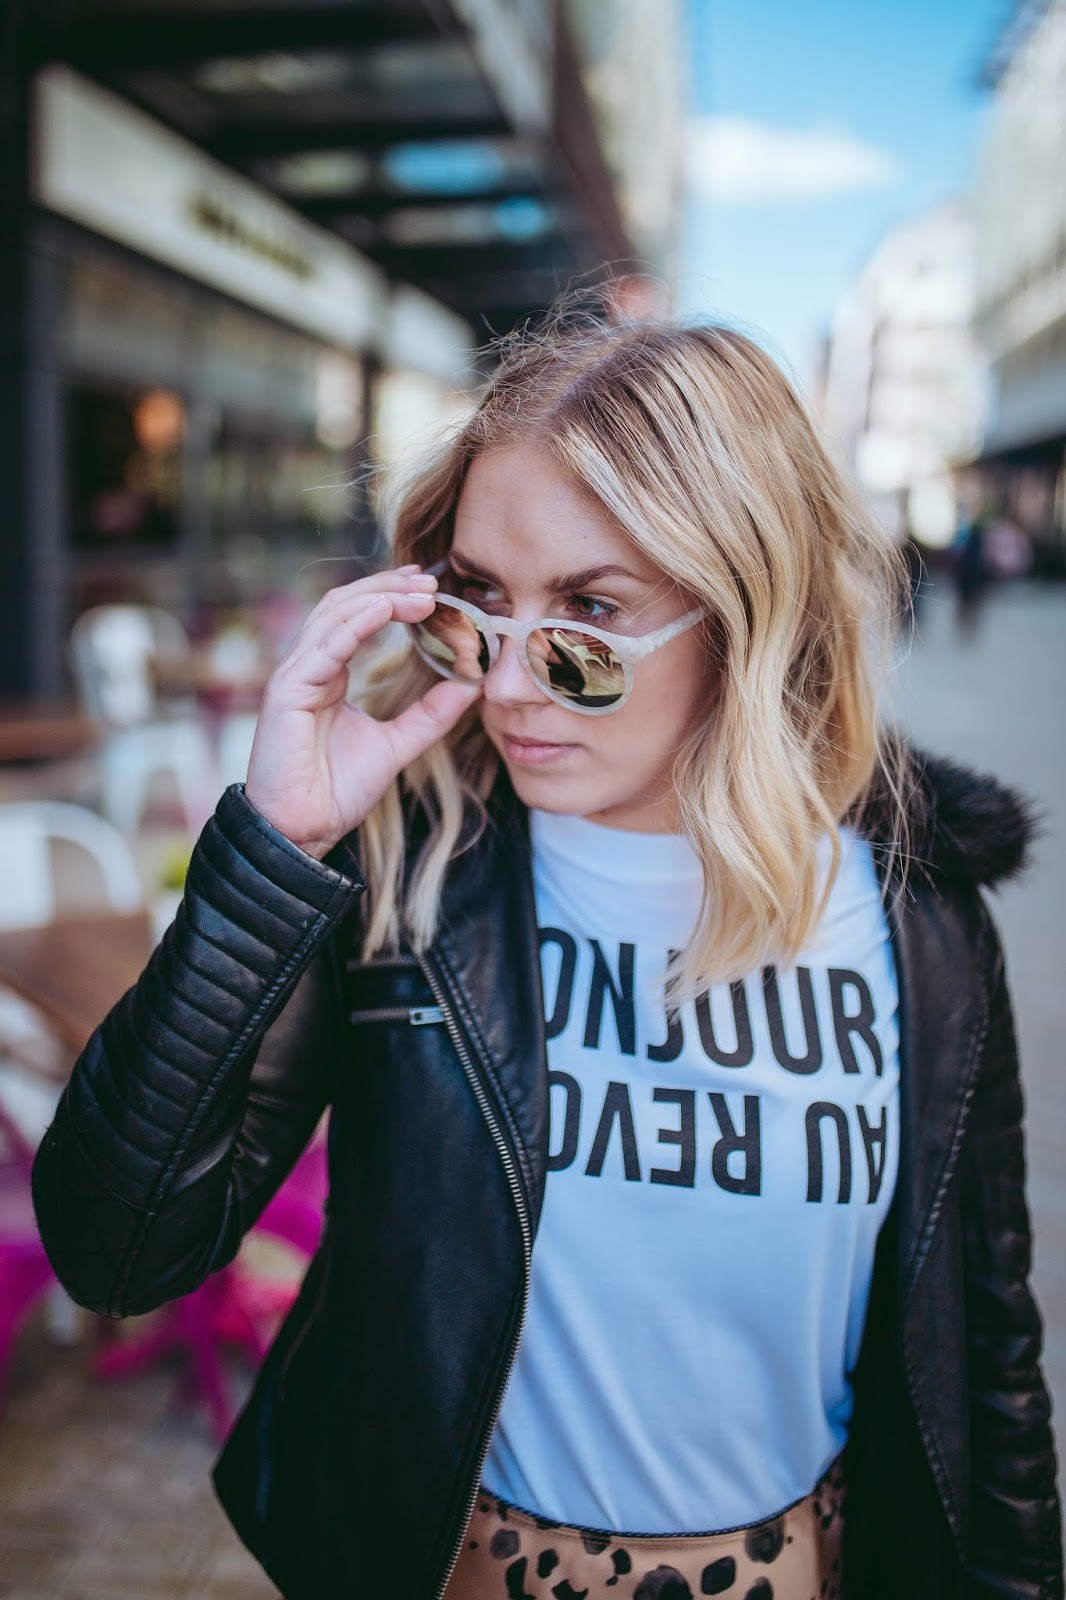 Lifestyle   How to Maximise on Daylight Savings - Rachel Emily Blog